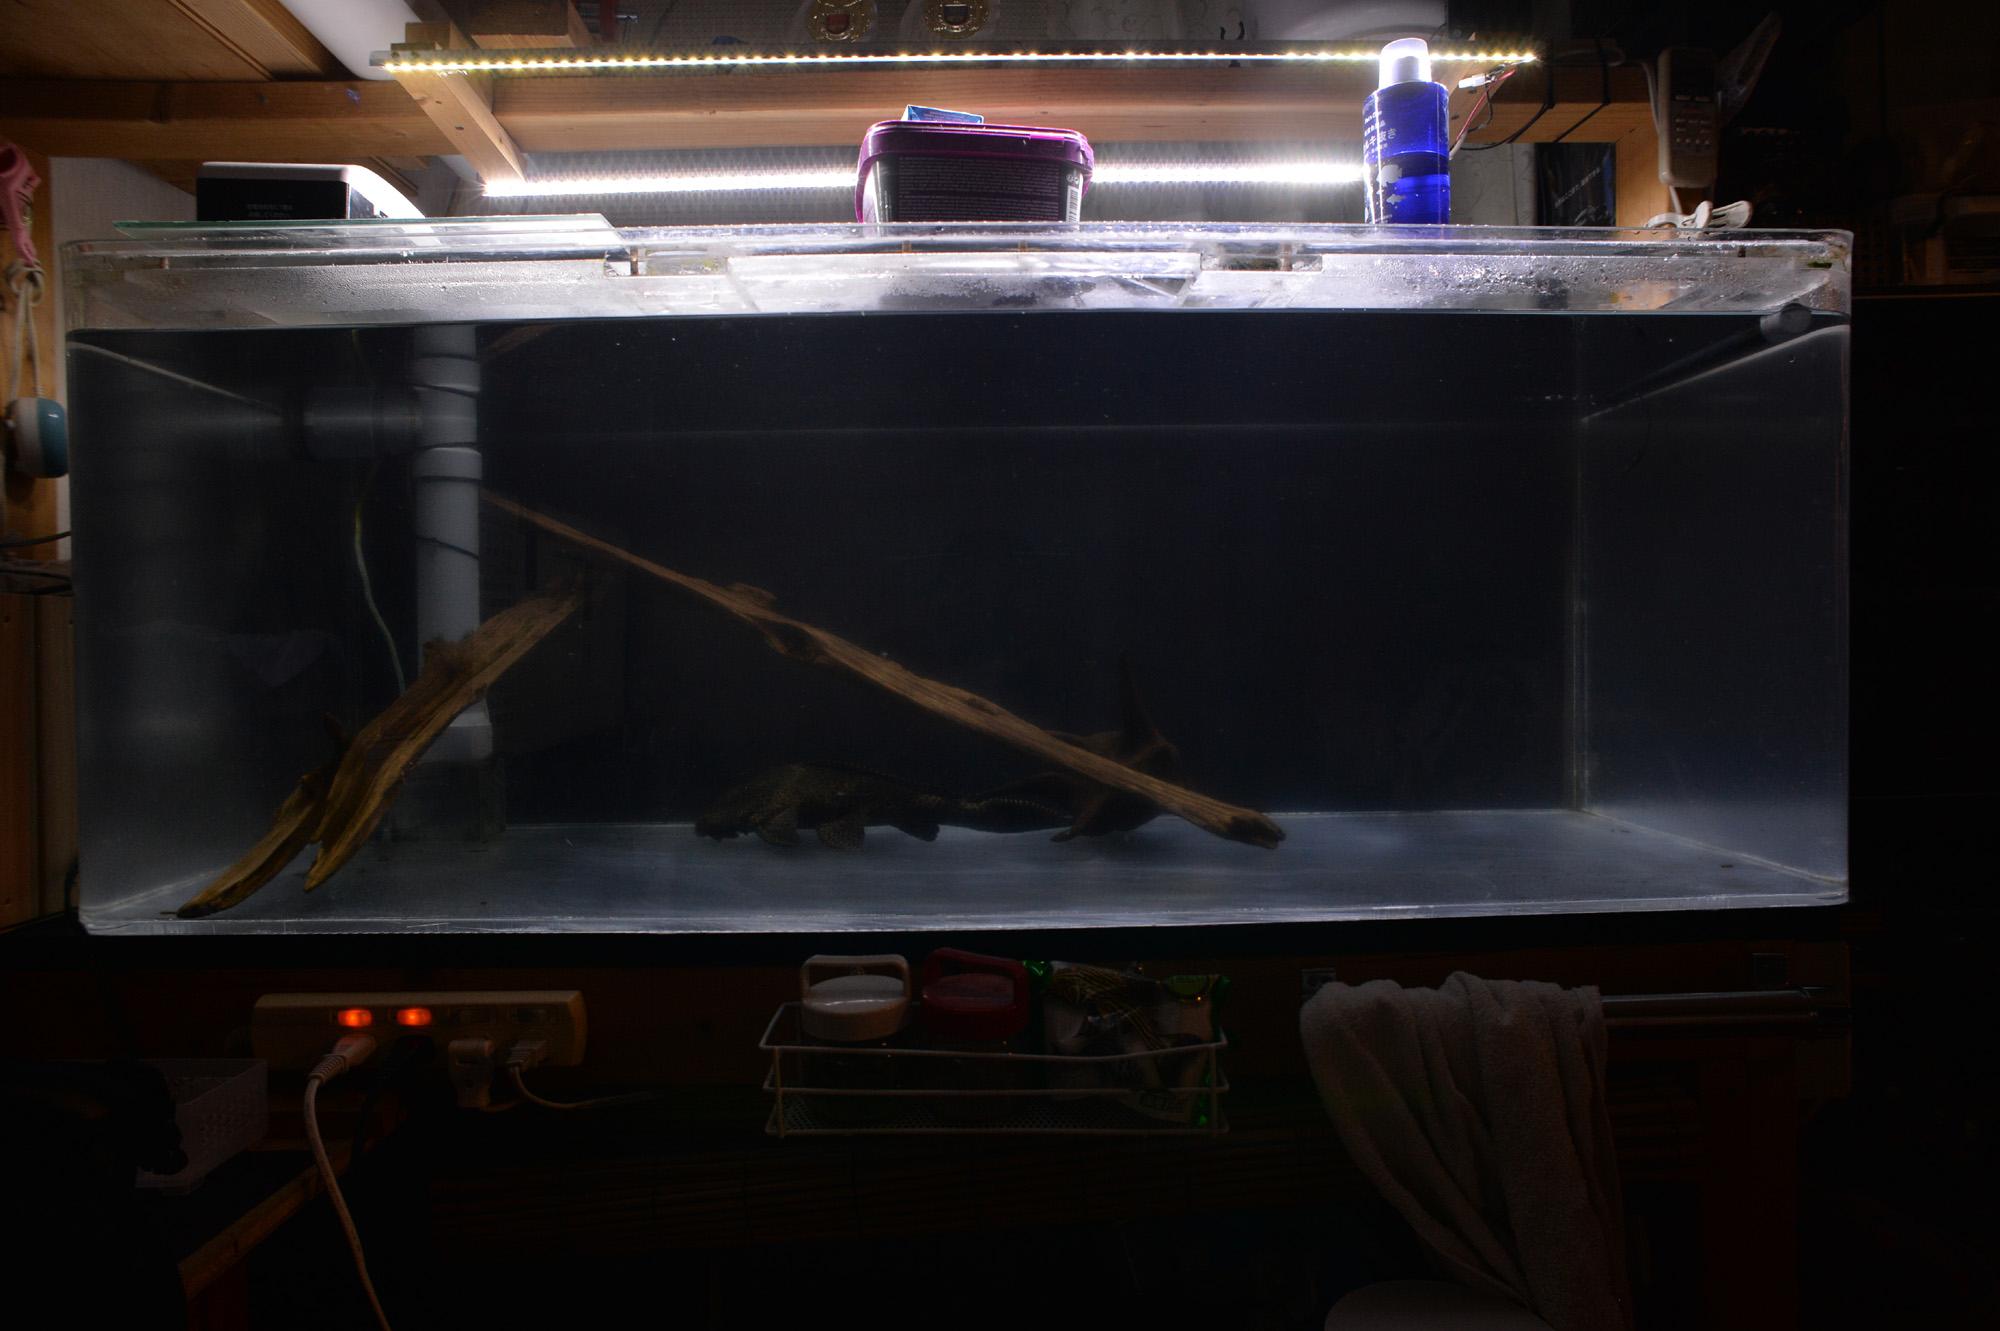 大型水槽に1匹だけのセルフィンプレコ